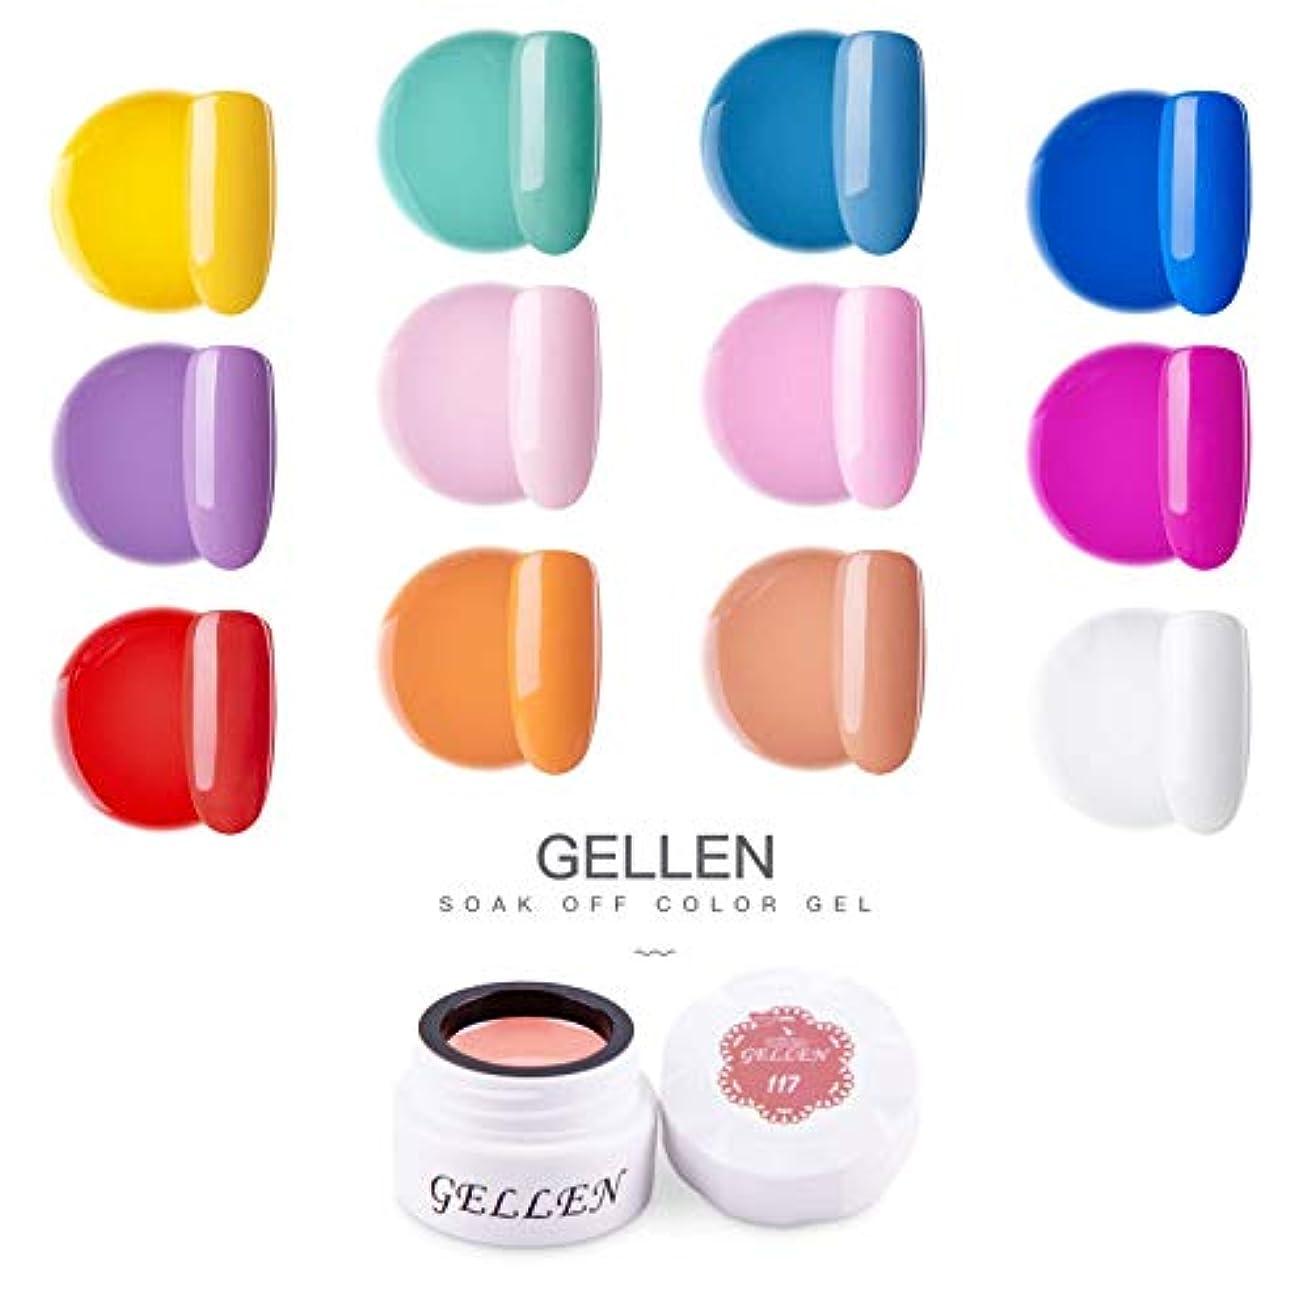 アルコール溢れんばかりの着るGellen カラージェル 12色 セット[ポップカラー シリーズ]高品質 5g ジェルネイル カラー ネイルブラシ付き